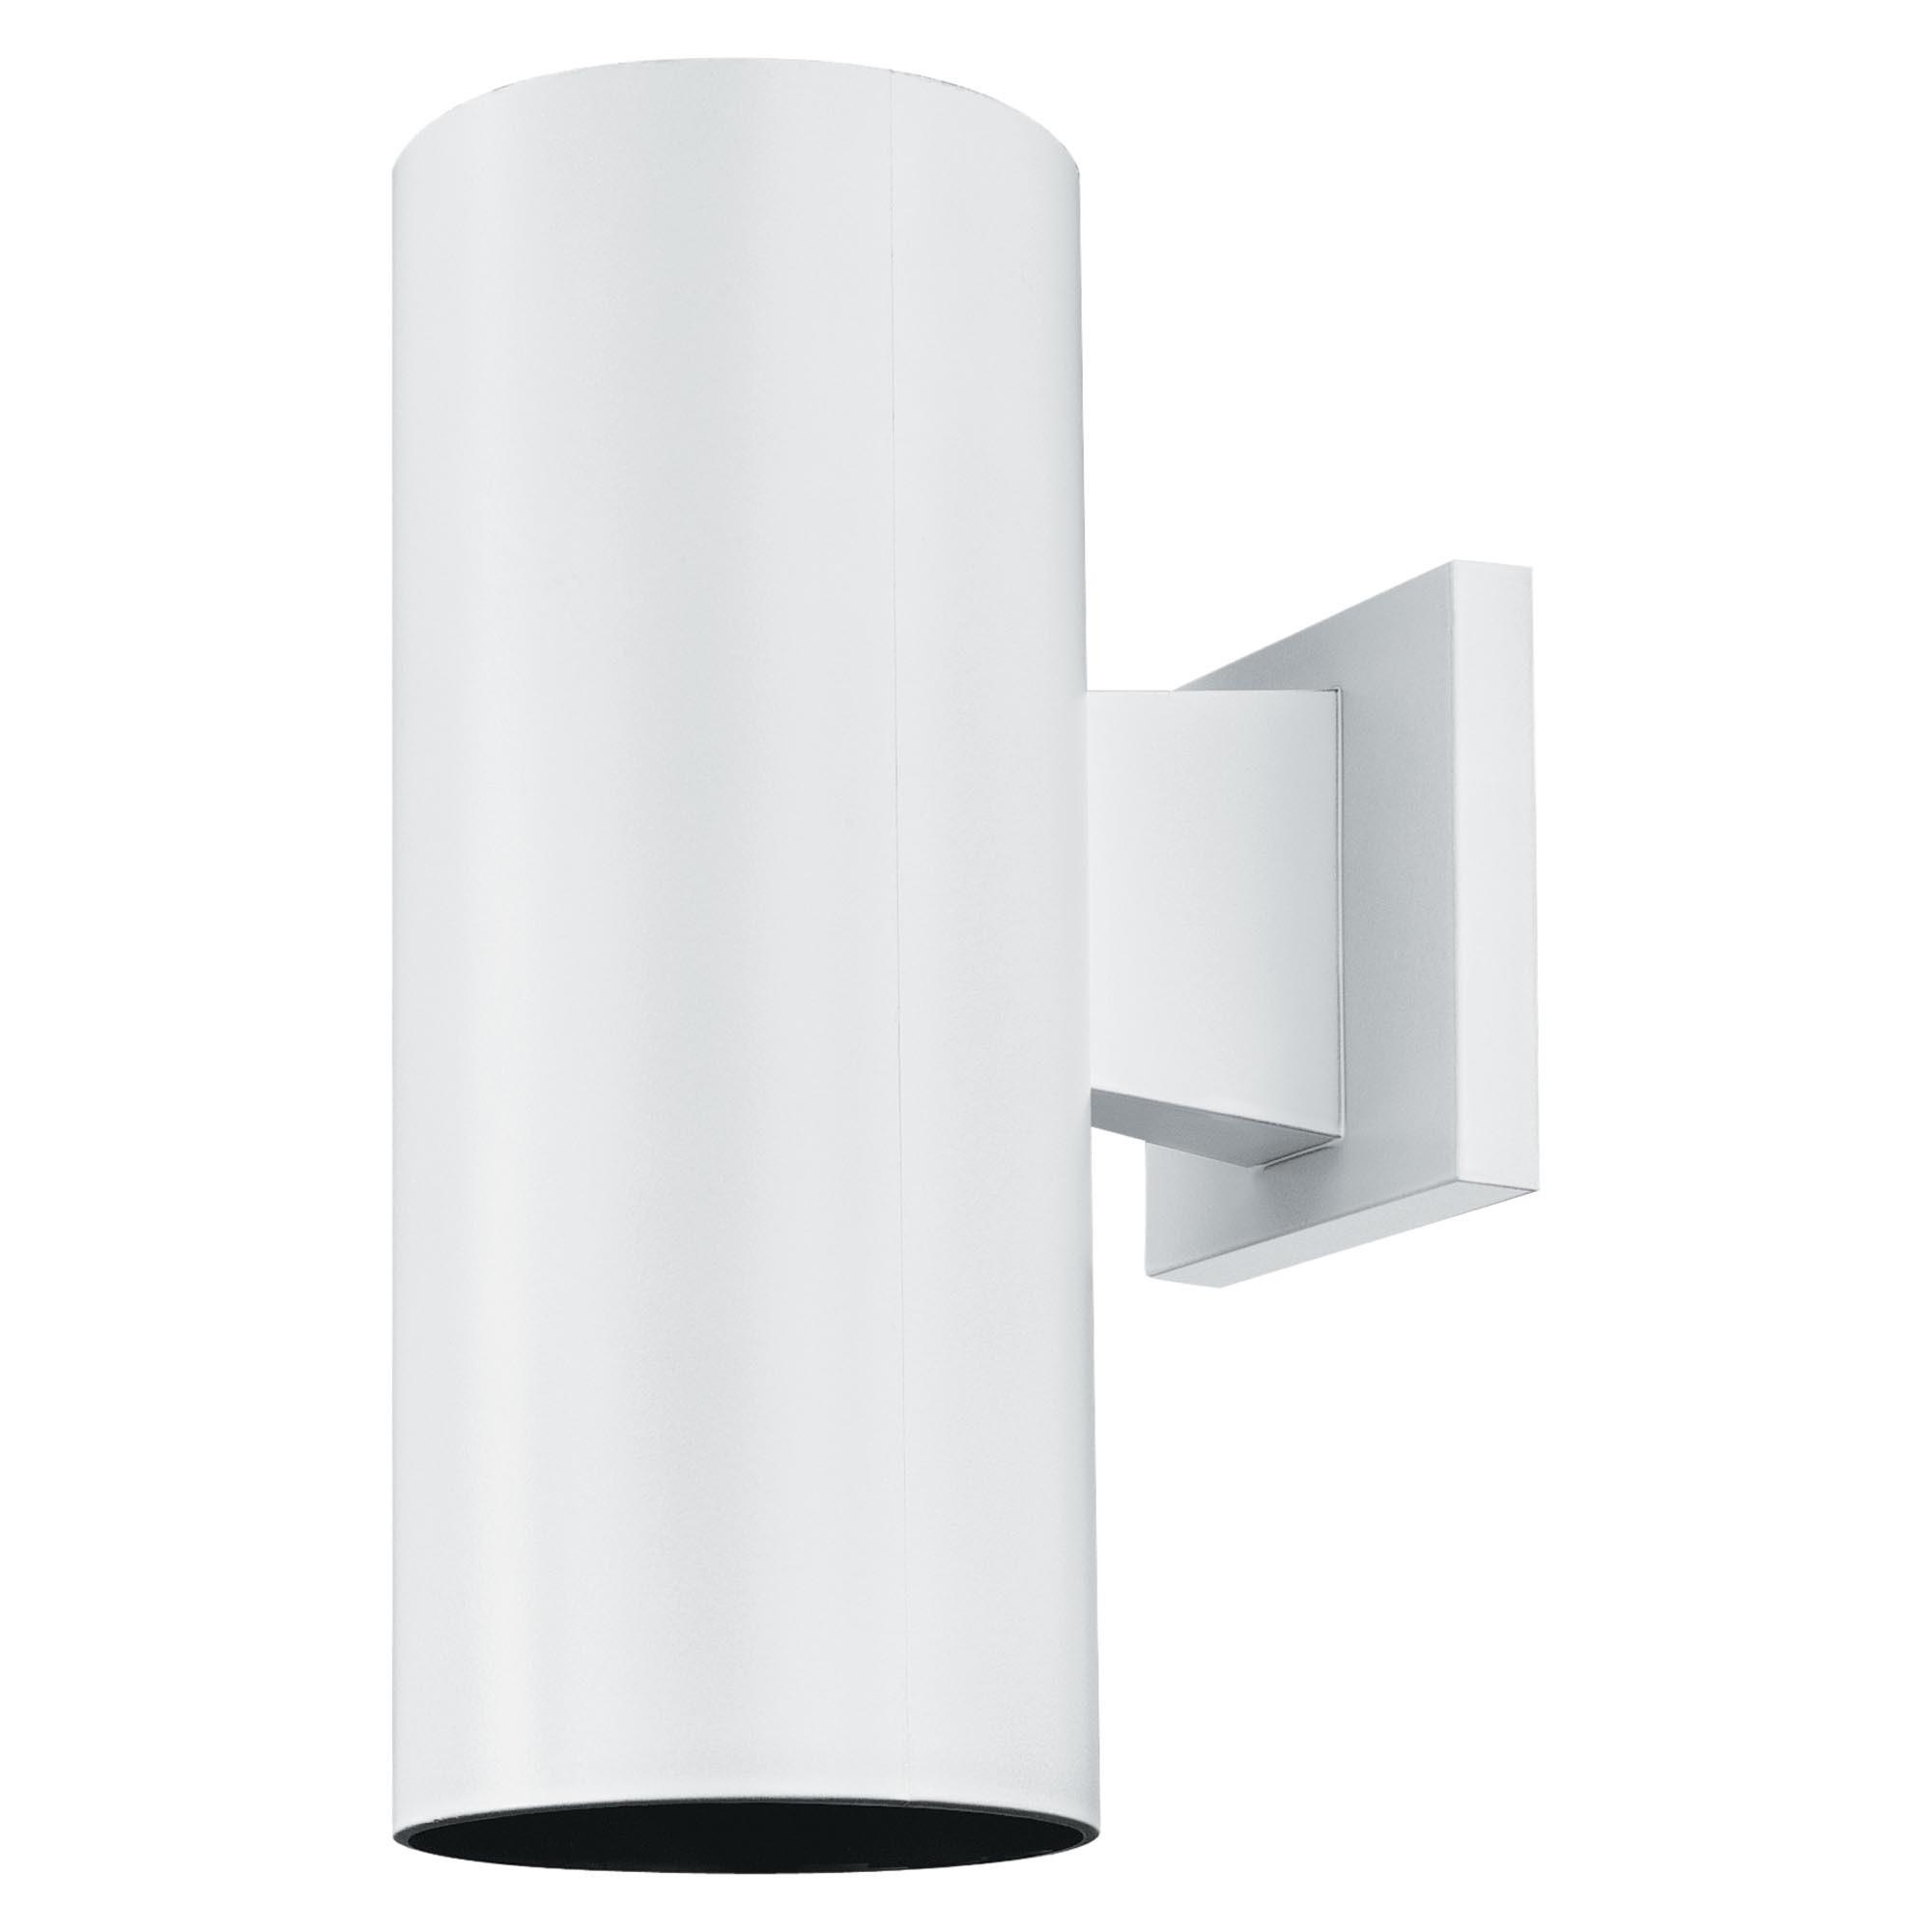 White Plastic Outdoor Light Fixtures • Outdoor Lighting Regarding Latest Plastic Outdoor Wall Lighting (View 18 of 20)